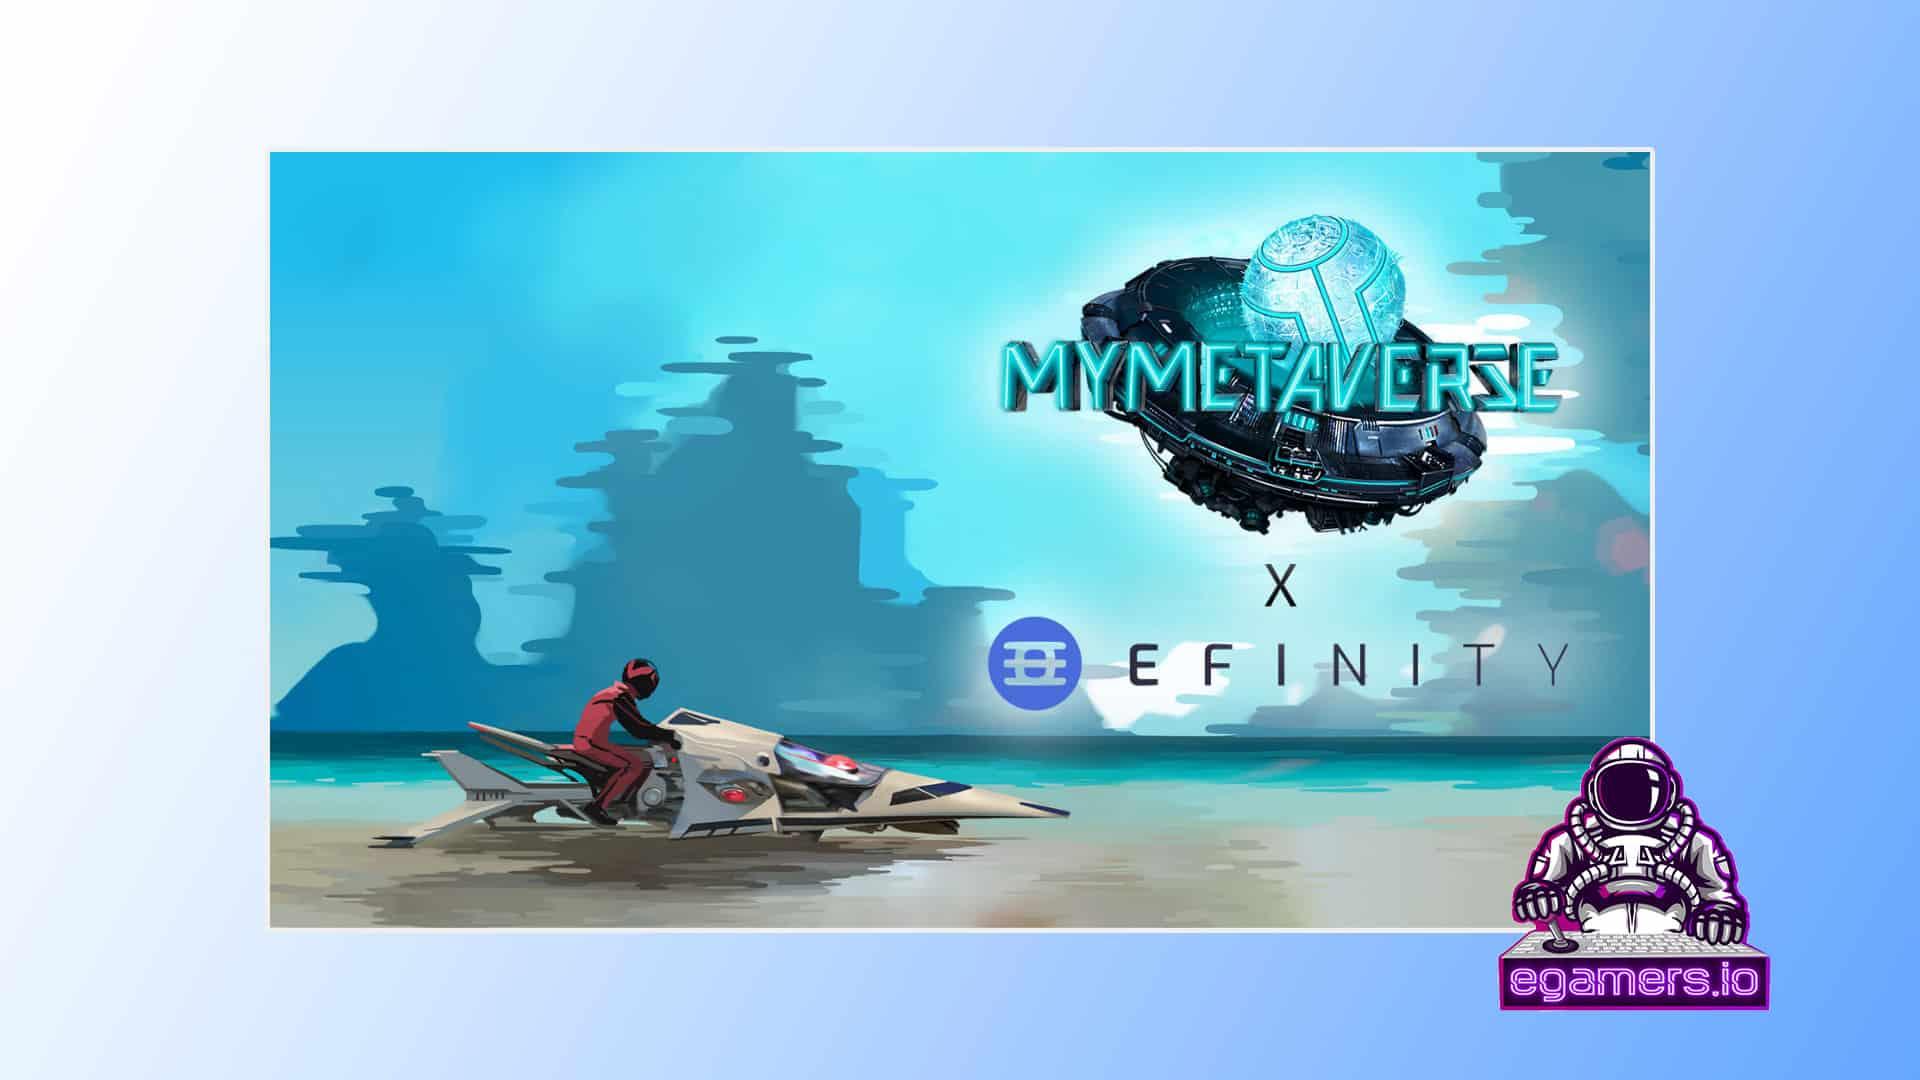 MyMetaverse Efinity